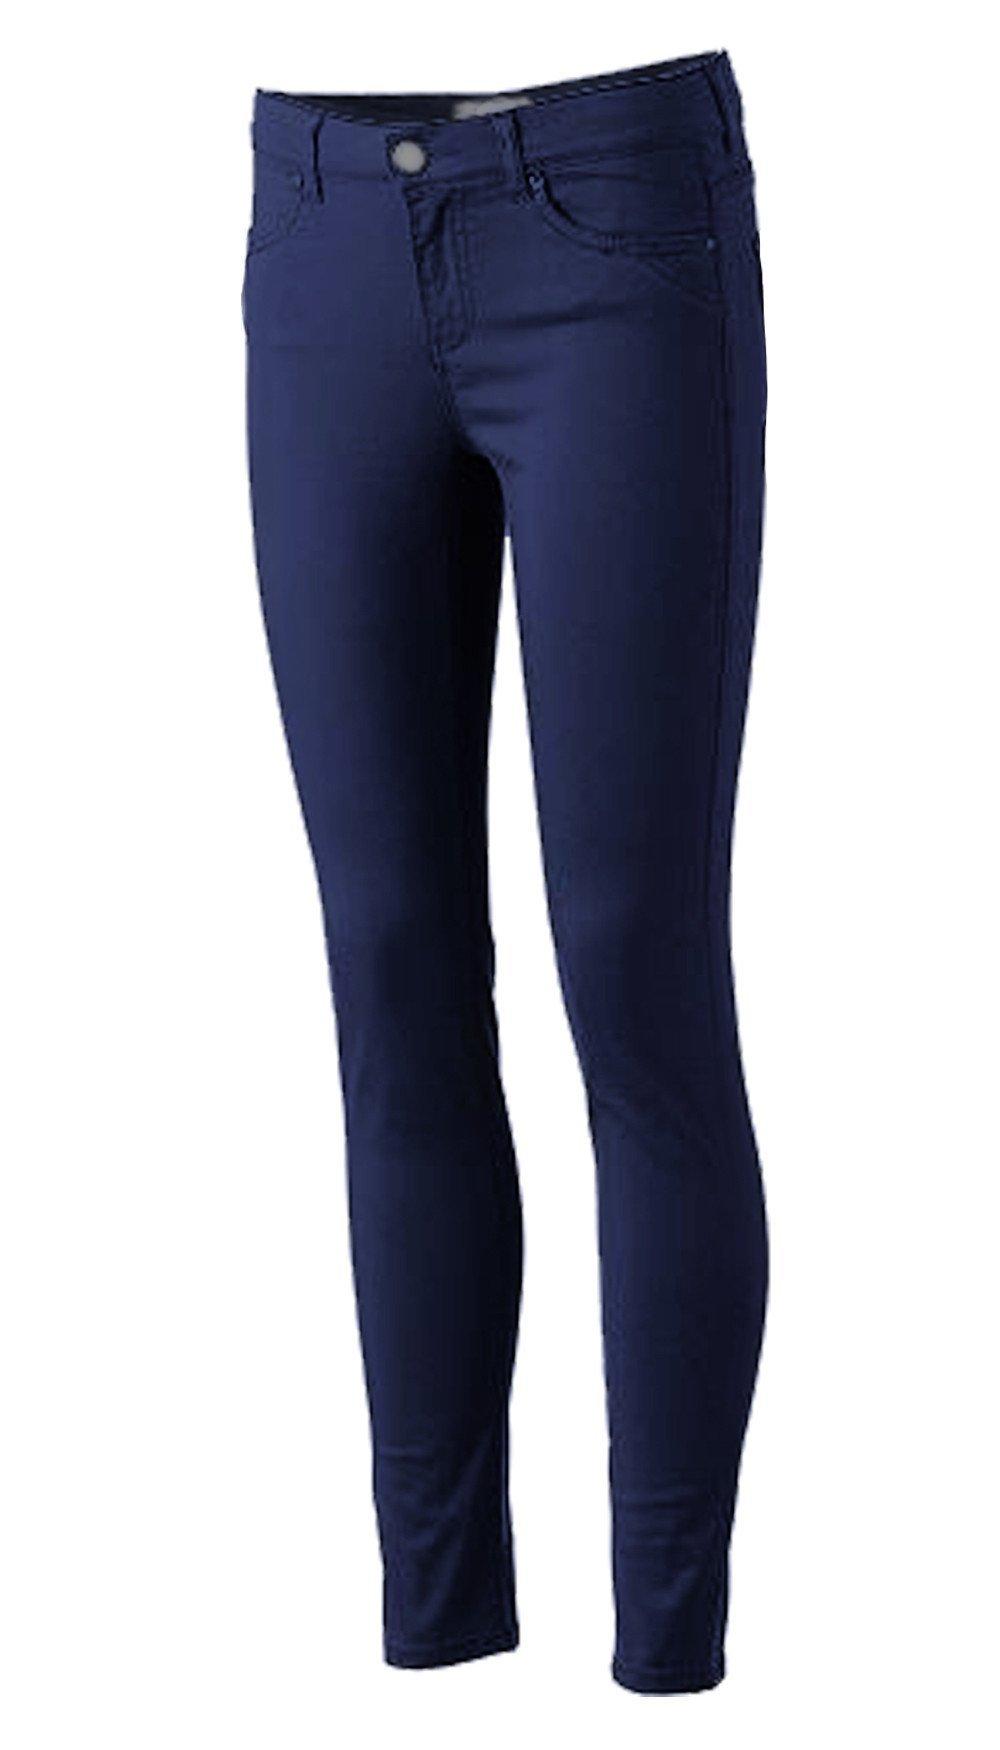 Pro5 Girls Junior School Uniform Skinny Stretched Pants Black/Navy/Khaki/Grey 0~15 (13, NAVY)